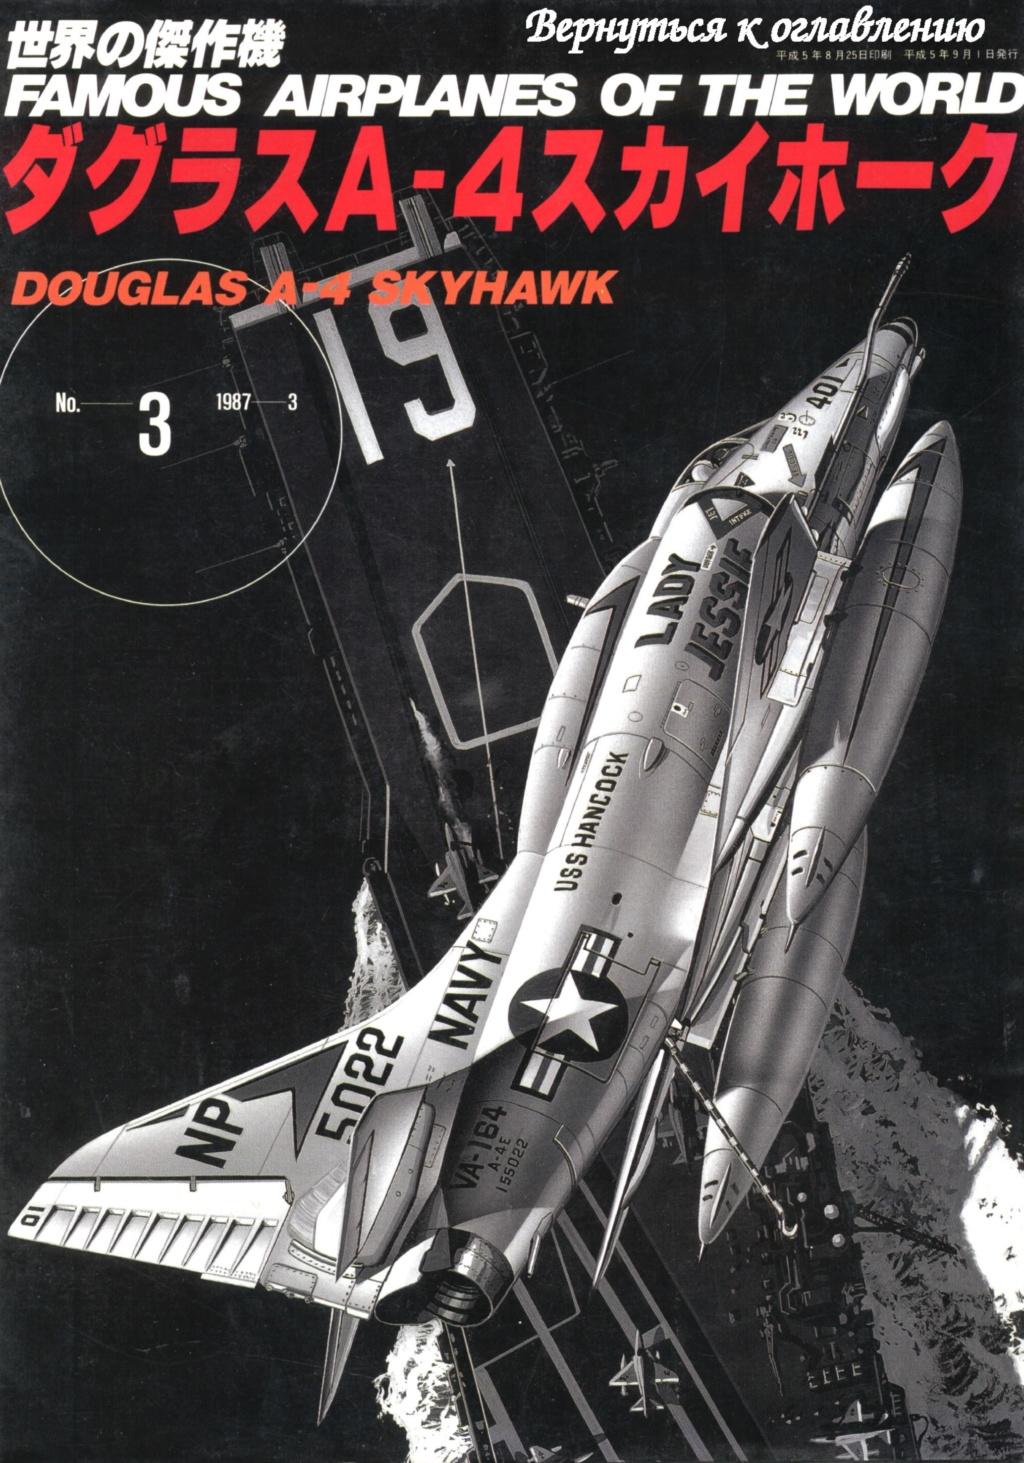 A-4 SKYHAWK Oaca_a46